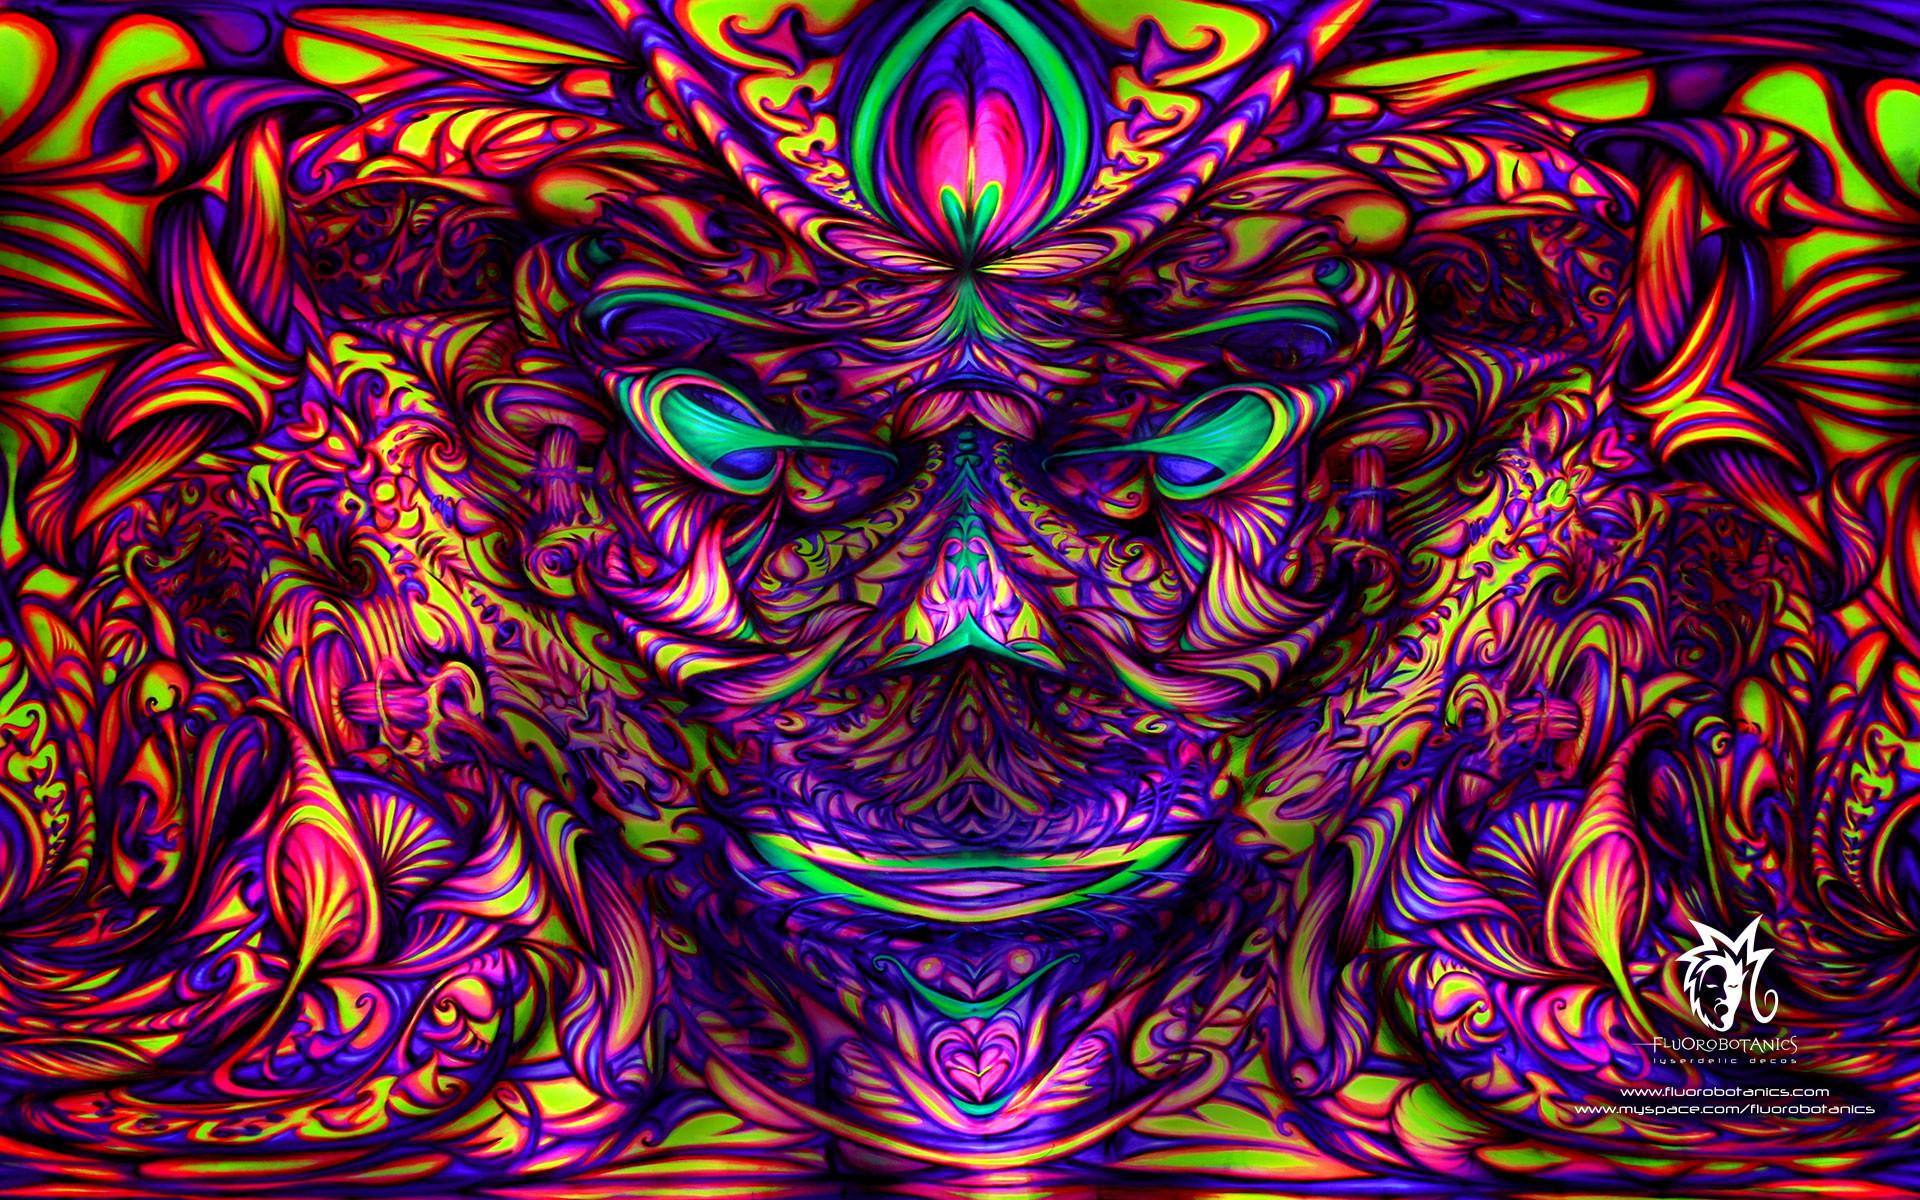 Resultado de imagem para psychedelic wallpaper | Psychedelic | Pinterest |  Psychedelic, Wallpaper and Trippy